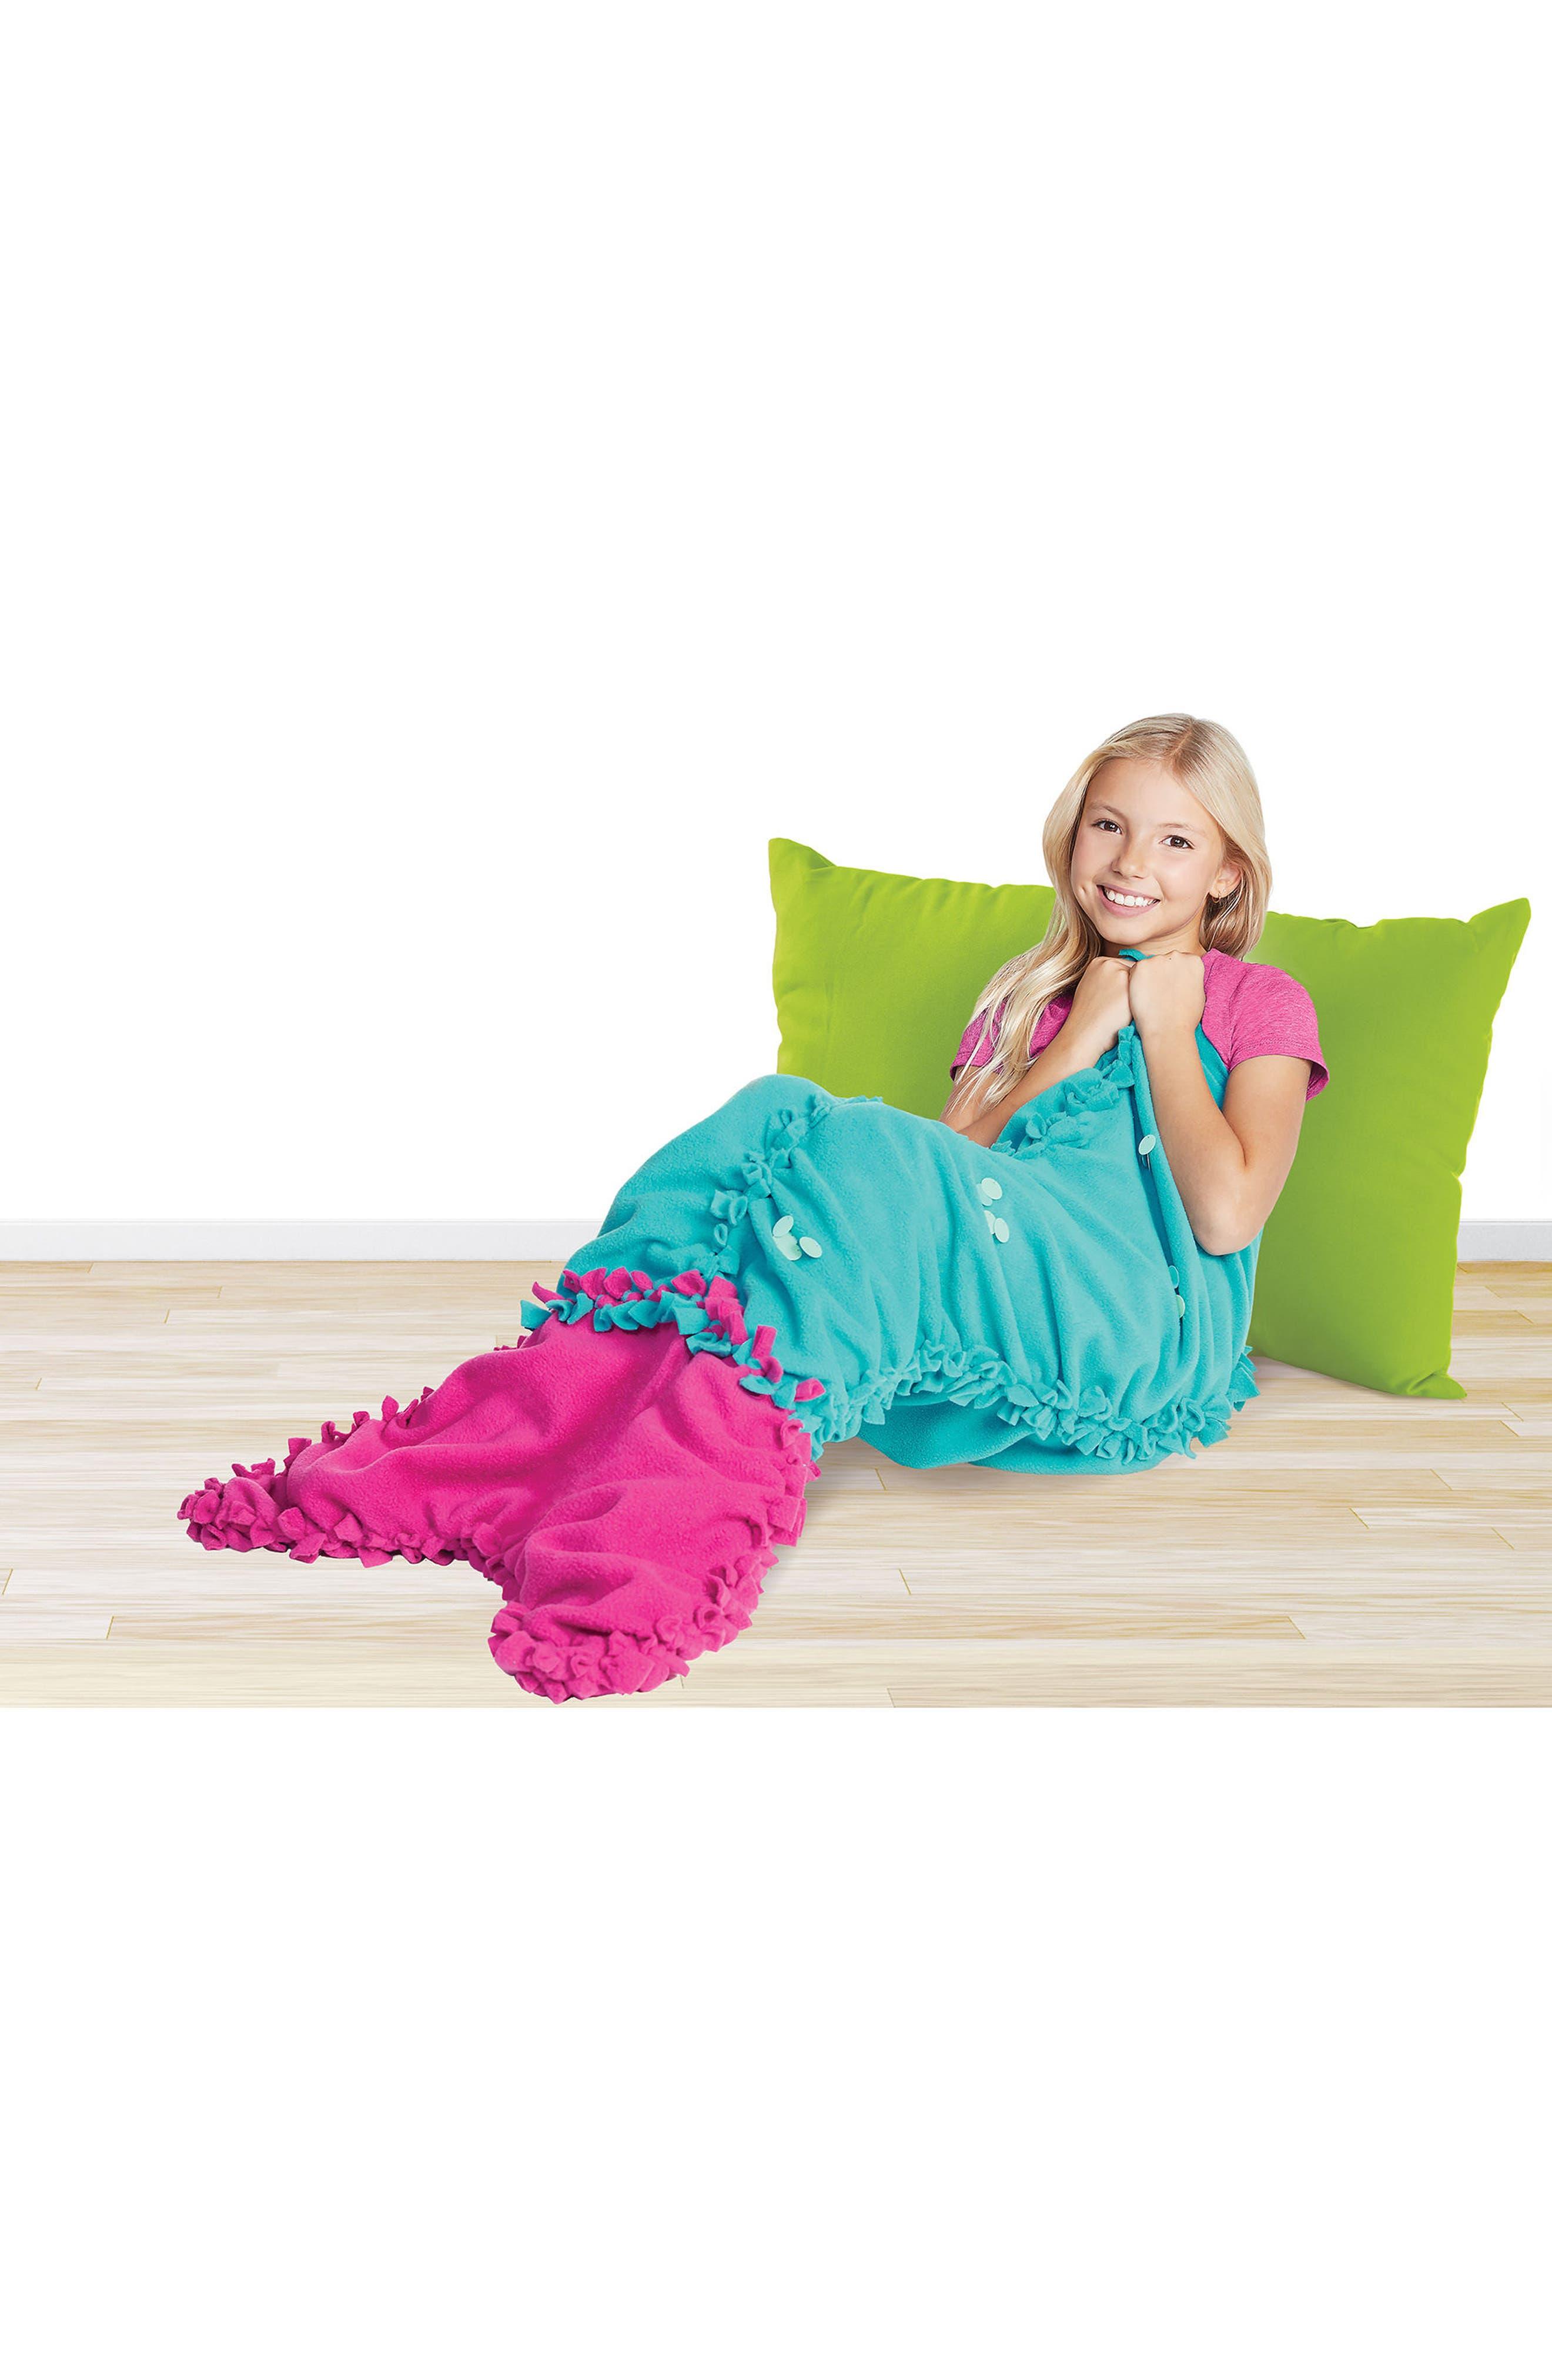 Knot & Bling Mermaid Tail Kit,                             Alternate thumbnail 4, color,                             650